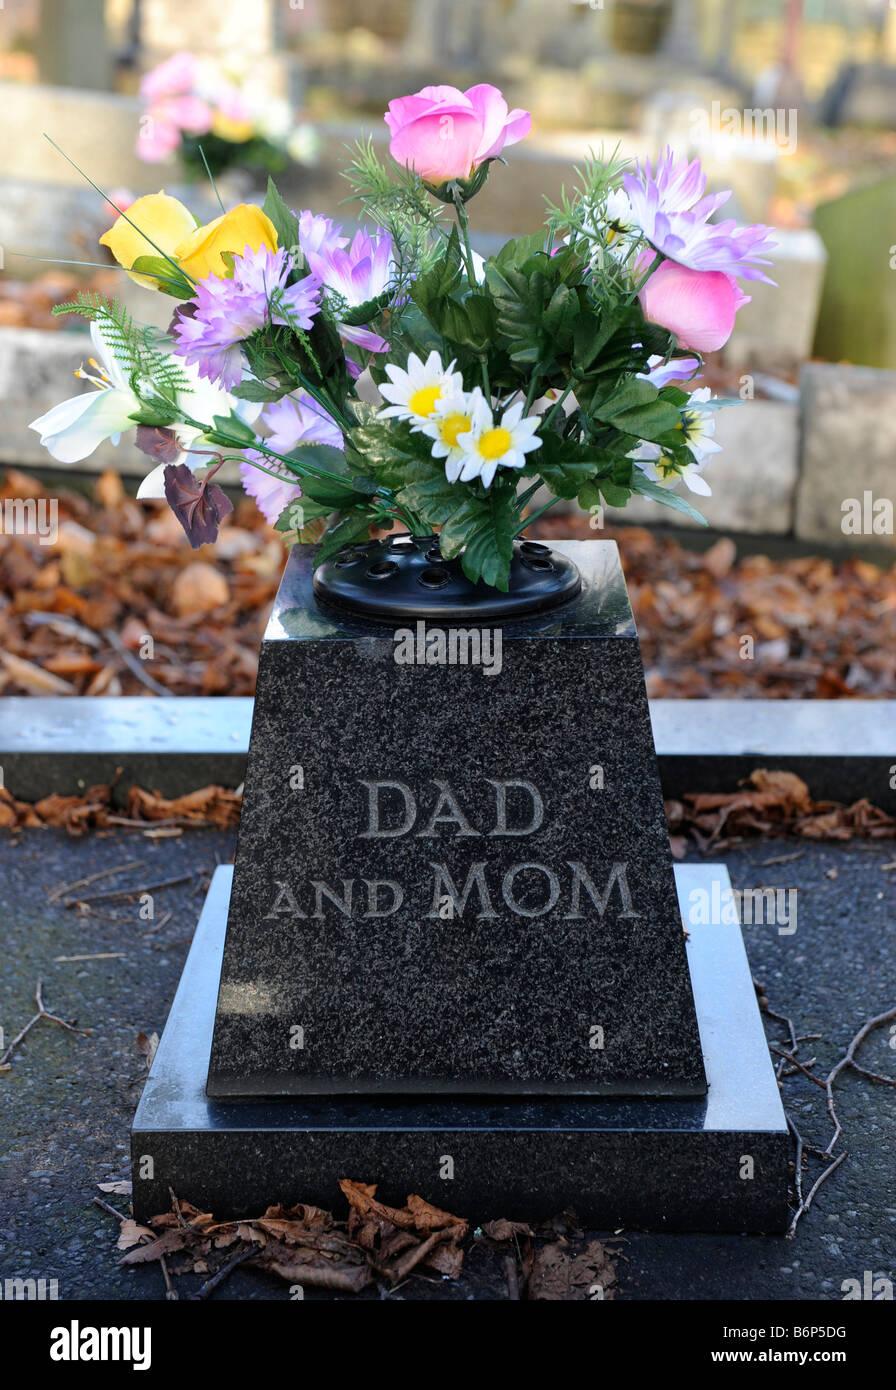 Mazzo Di Fiori Anonimo.Un Mazzo Di Fiori Su Una Tomba In Memoria Dei Genitori Anonimo